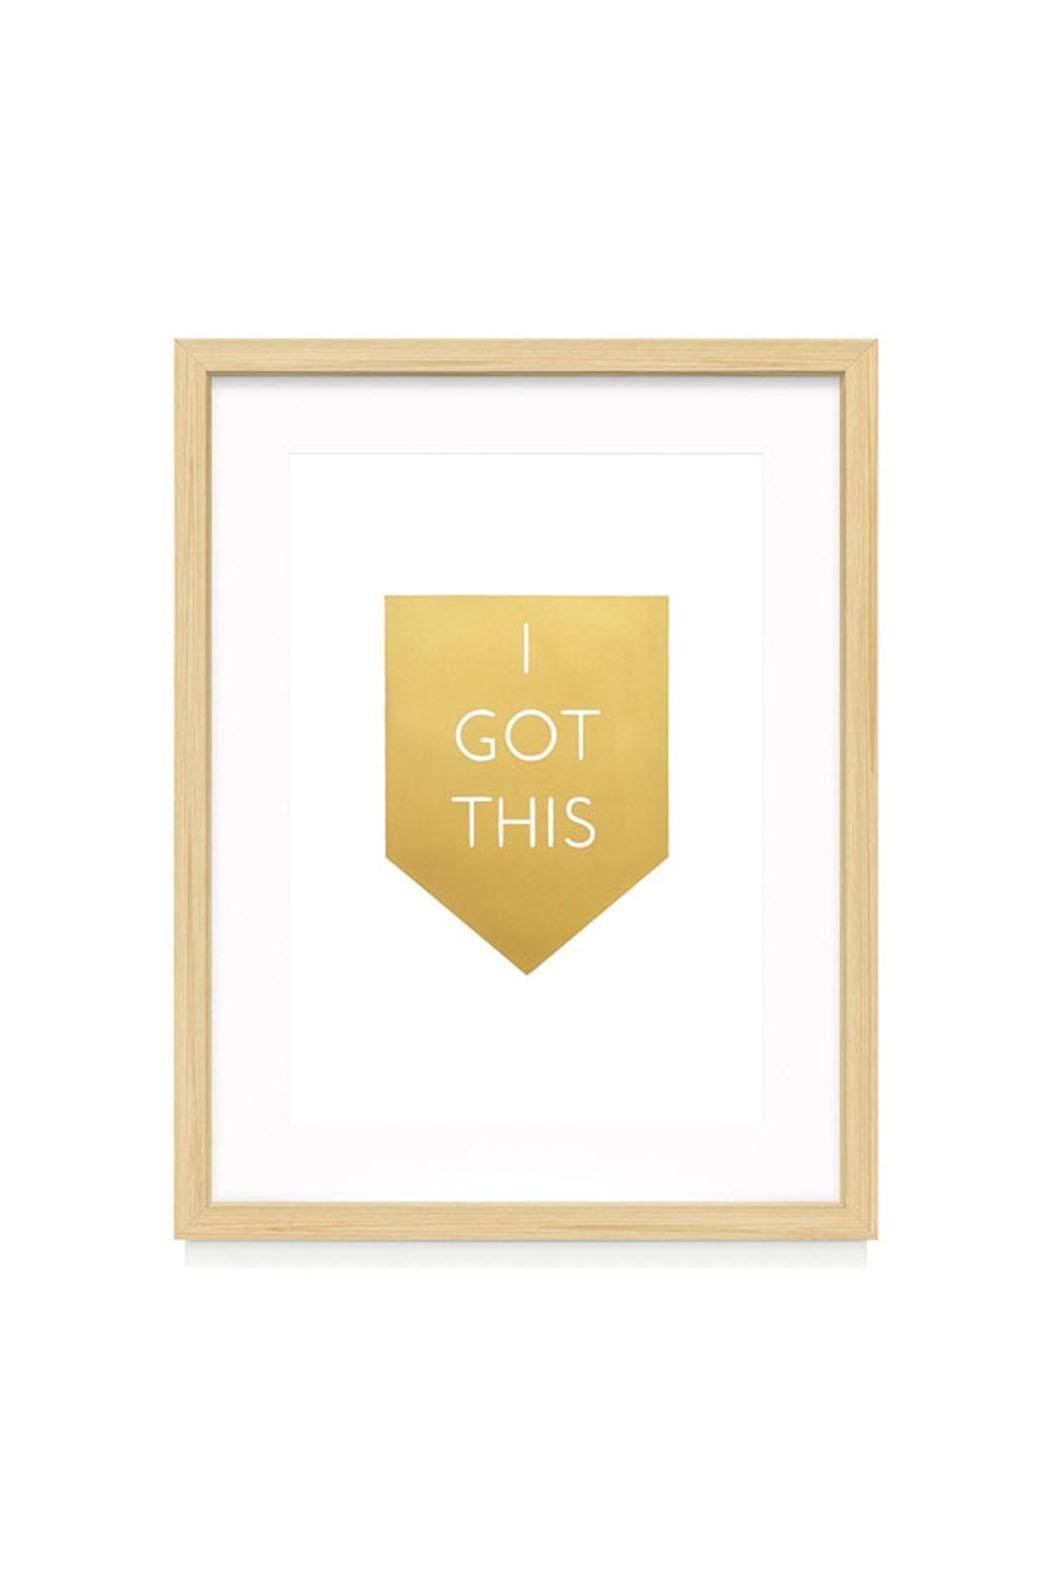 BRIKA Got This Print | Shoptiques Boutique Products | Pinterest ...